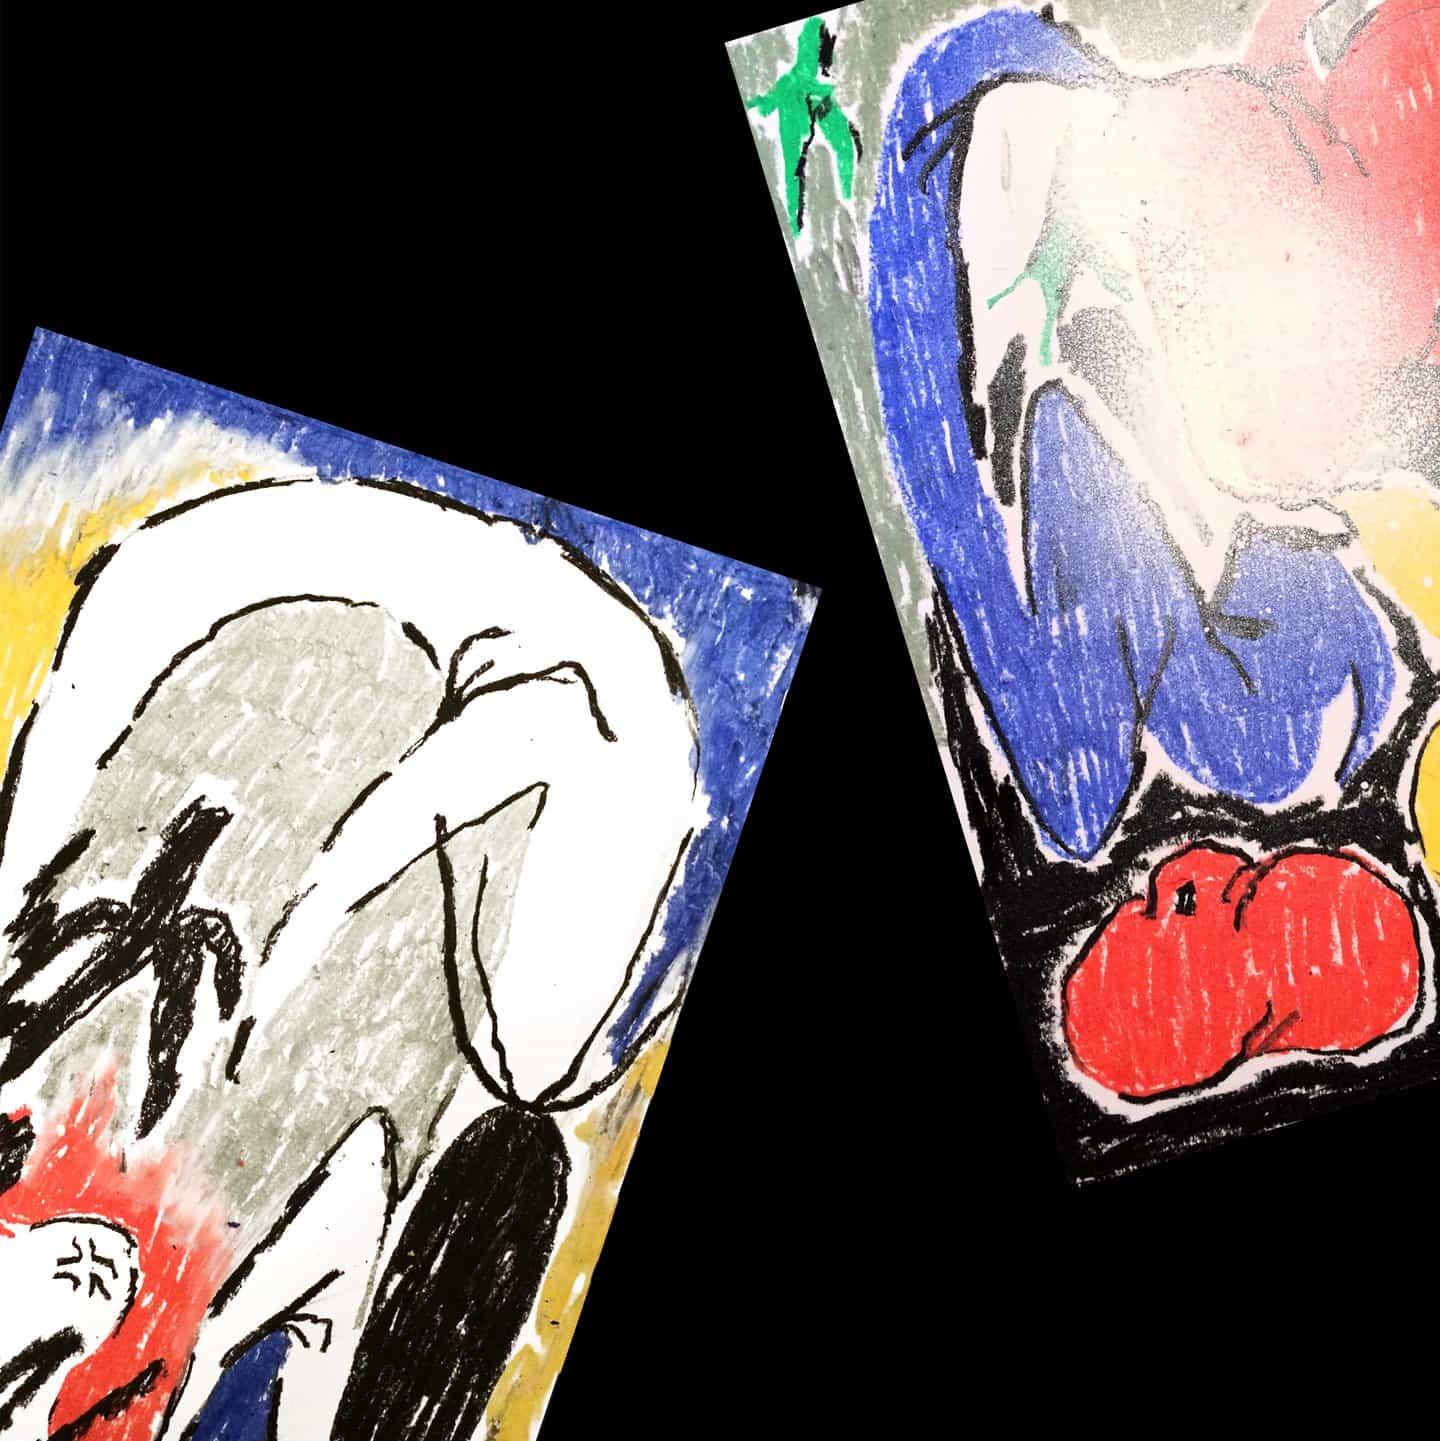 Los dibujos de Jim Klok son el equilibrio perfecto de expresión y refinamiento